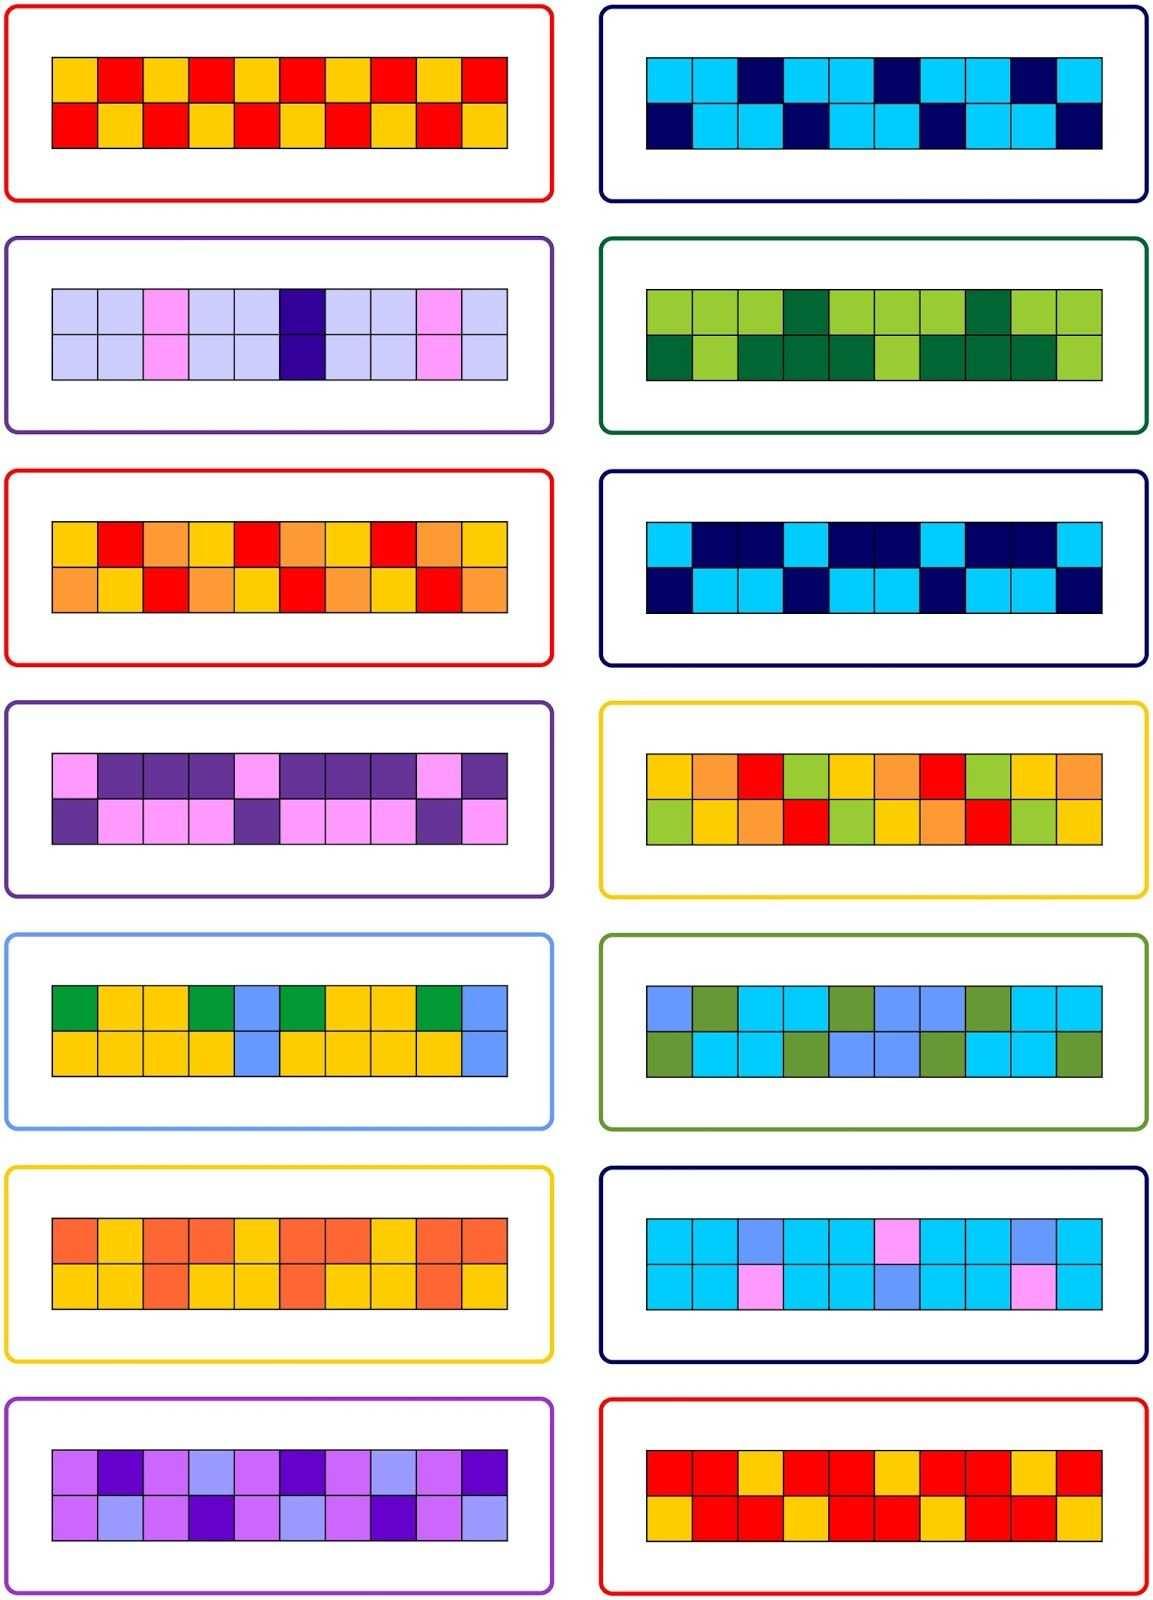 Muster Malen Und Fortsetzen Muster Malen Muster Erste Klasse